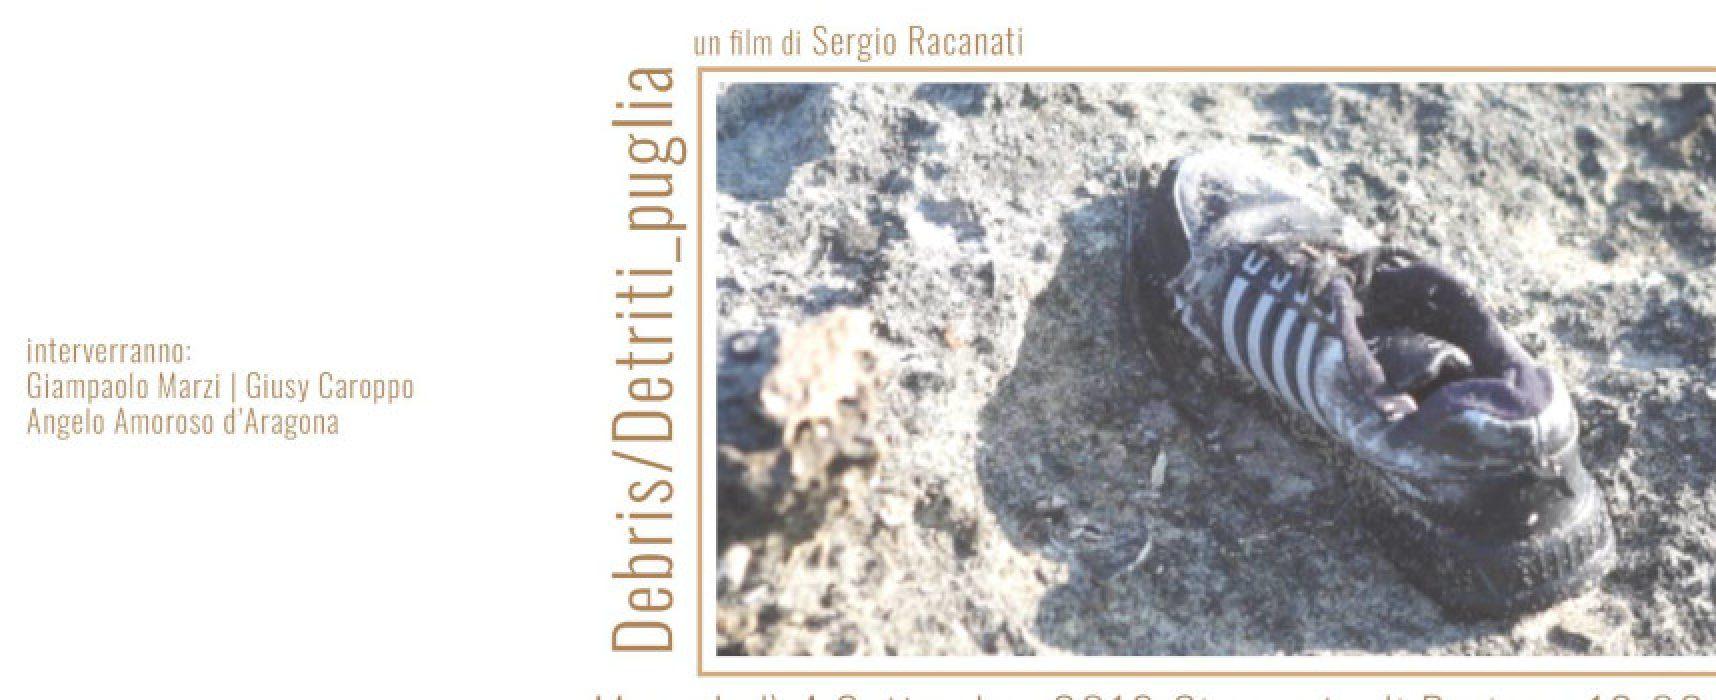 Debris/Detriti-Puglia, in anteprima a Bari il documentario del regista biscegliese Racanati